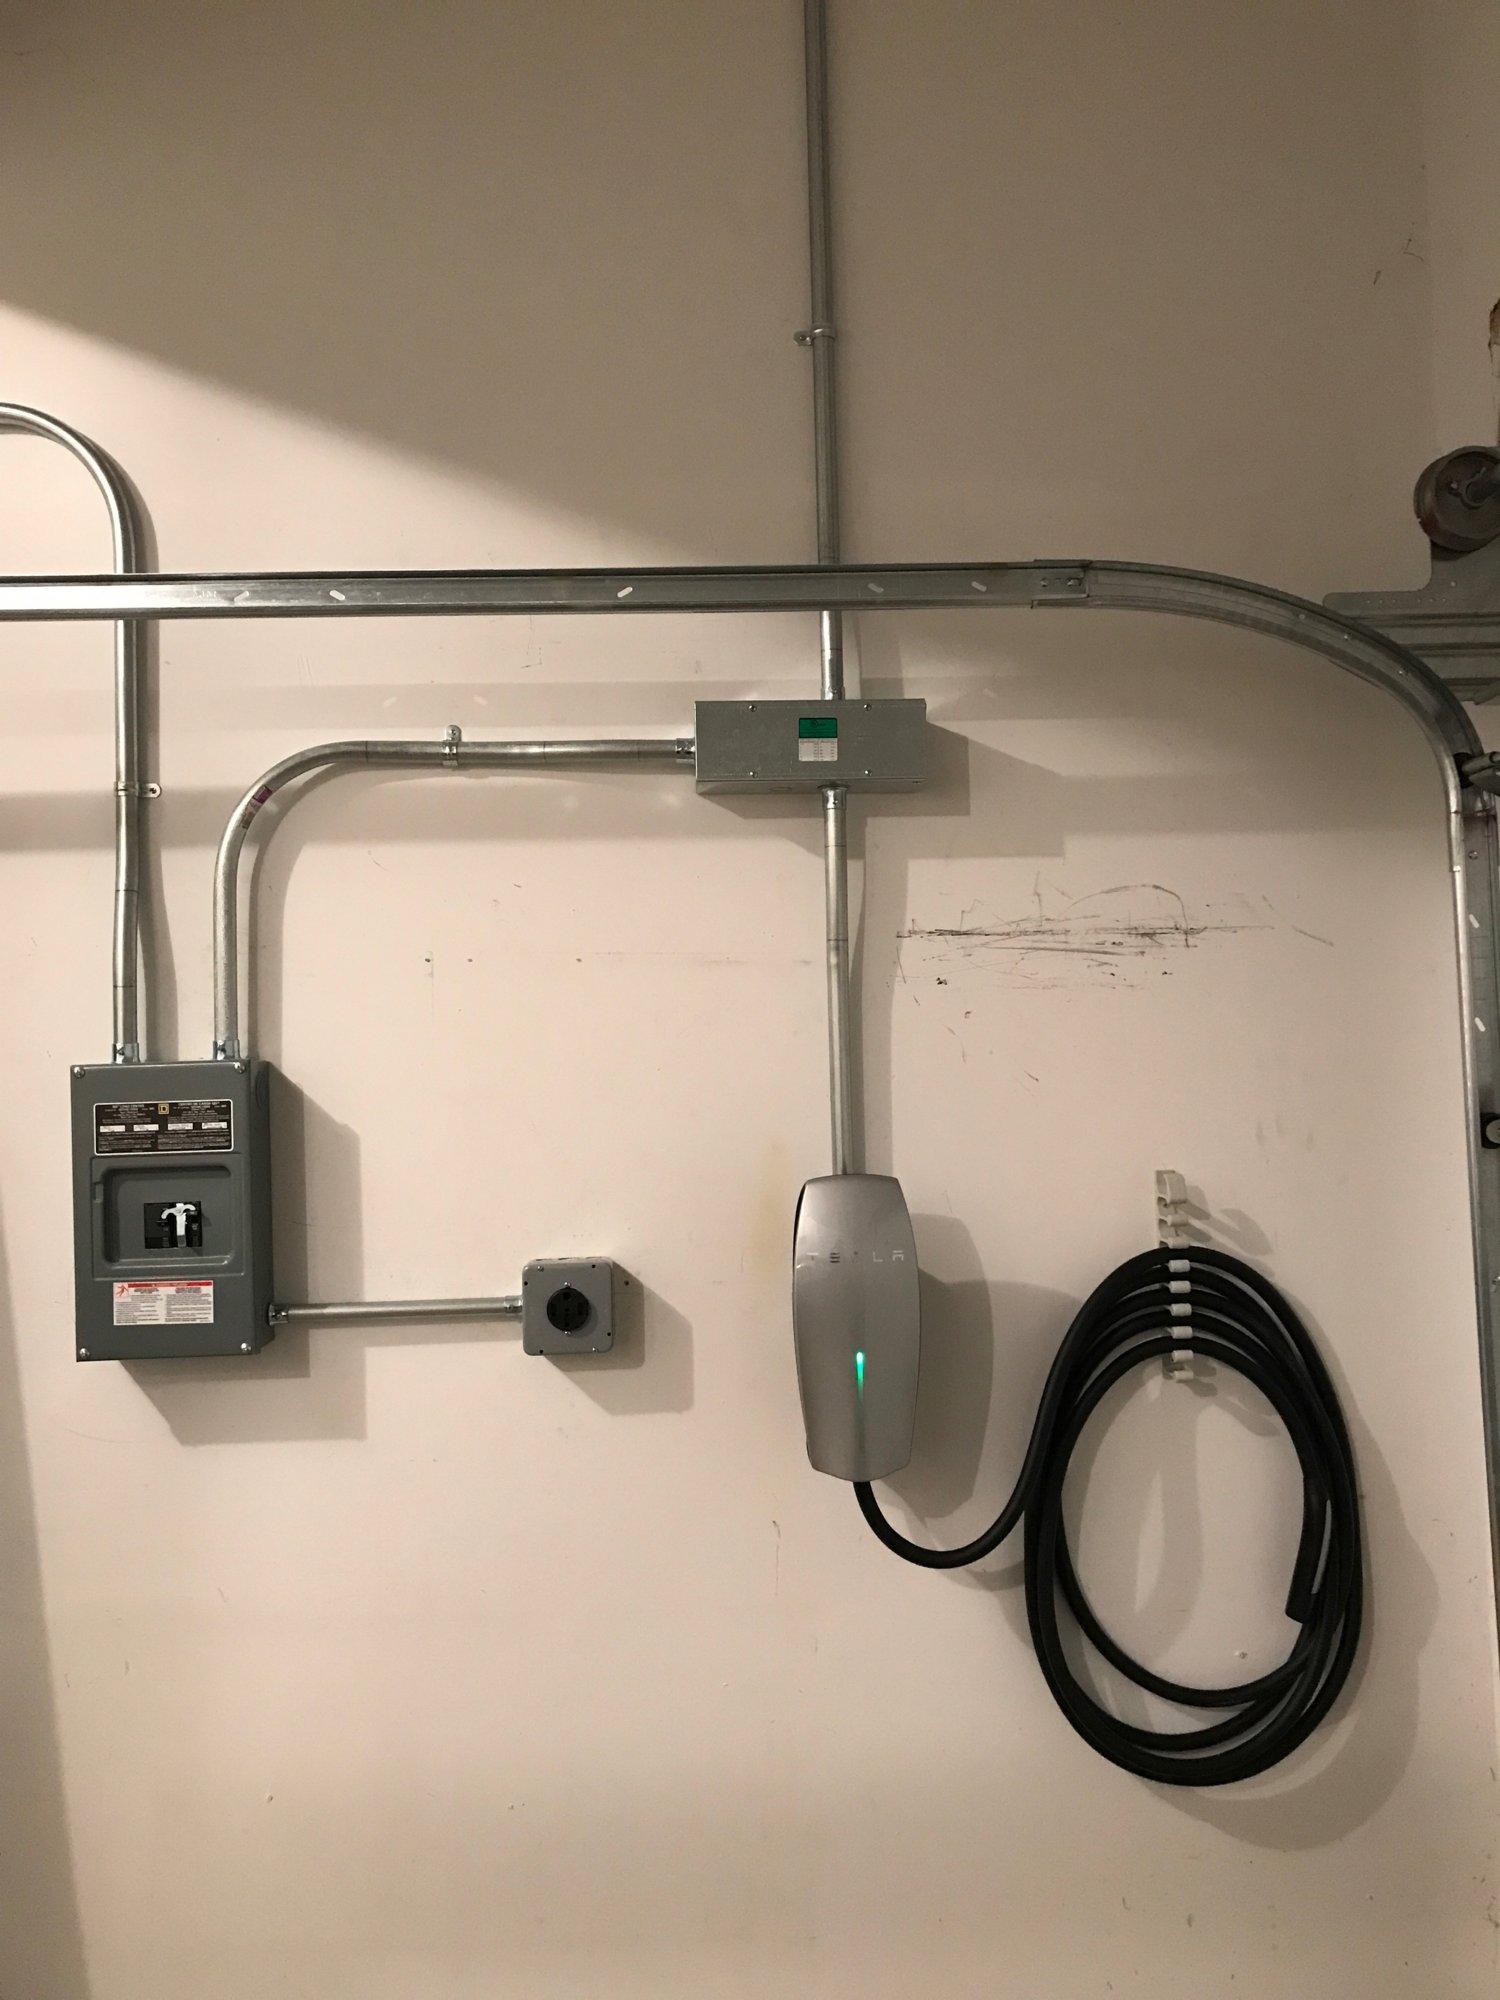 HPWC-install.jpeg